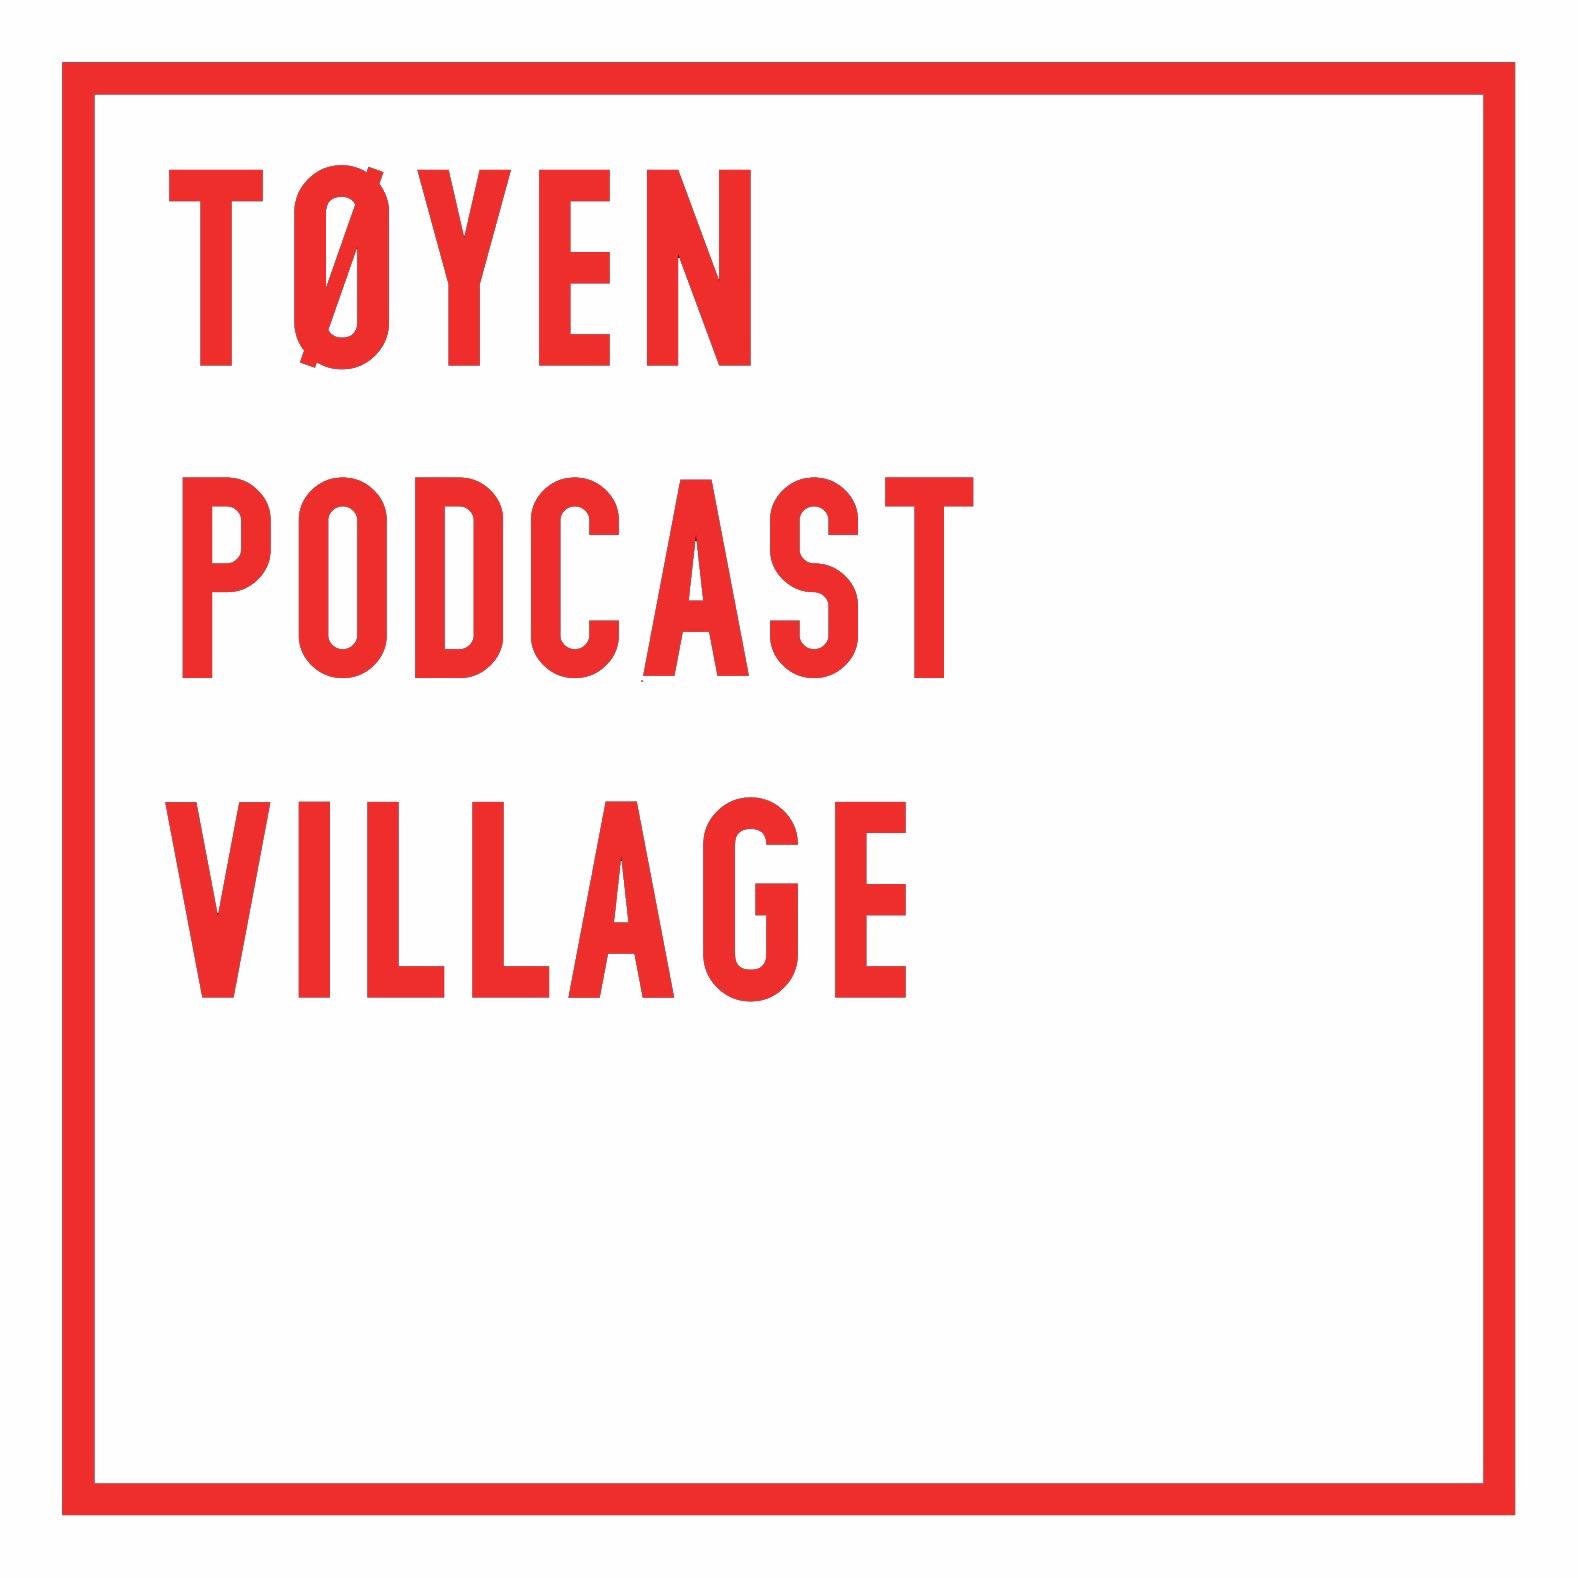 Tøyen Podcast Village